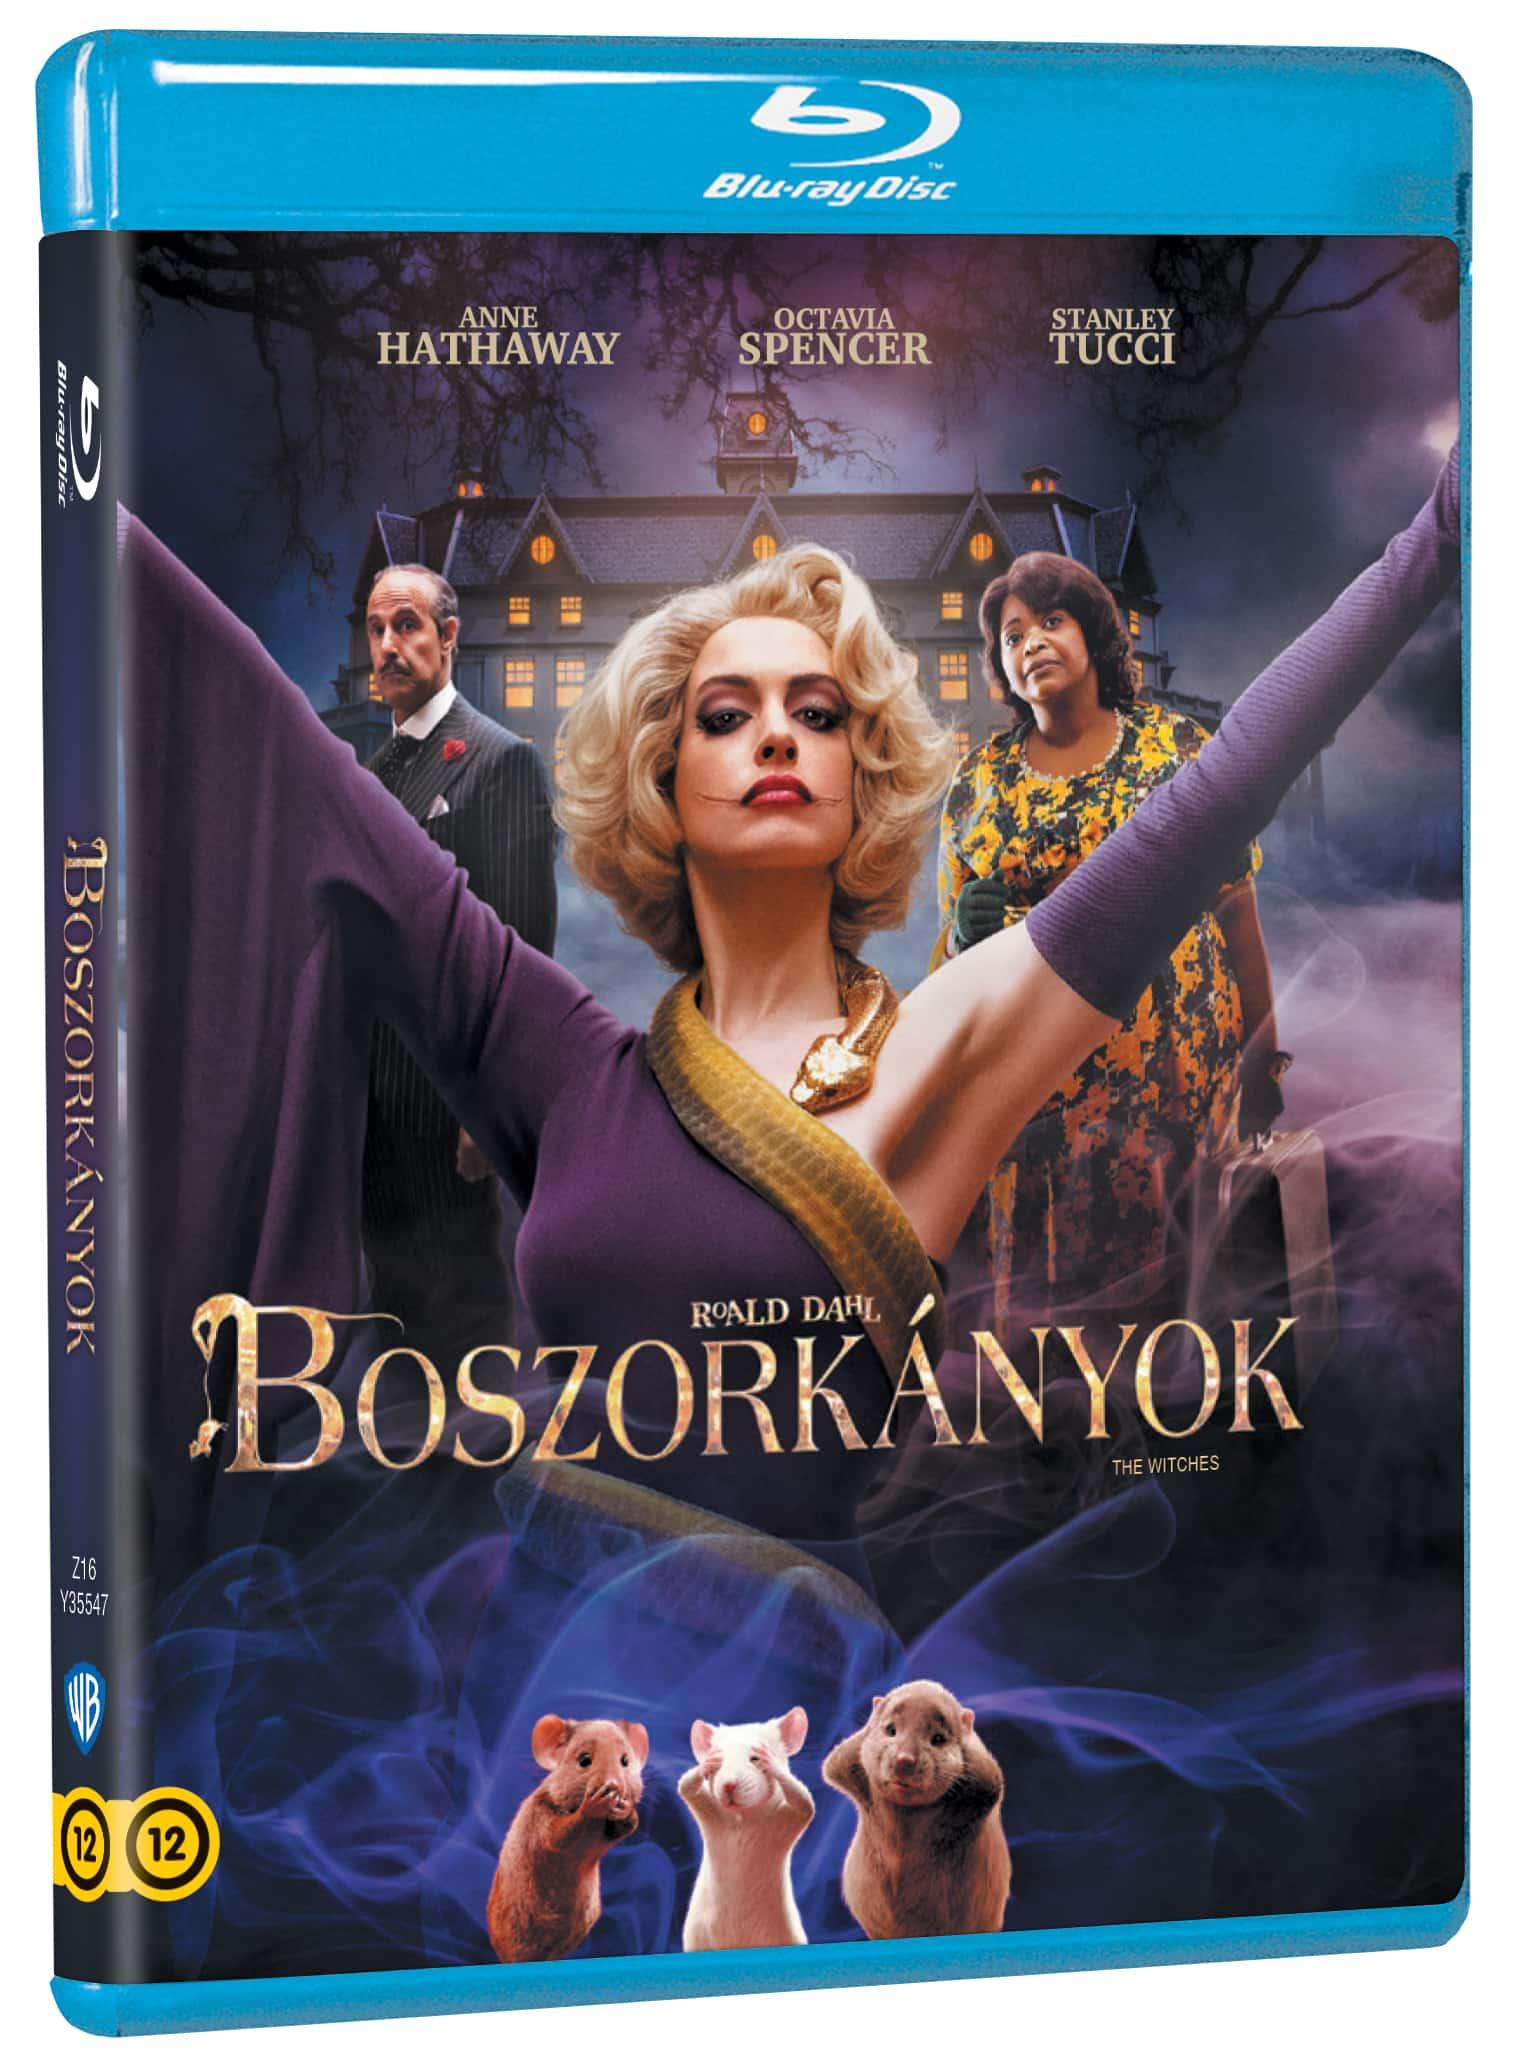 Roald Dahl: Boszorkányok - Blu-ray